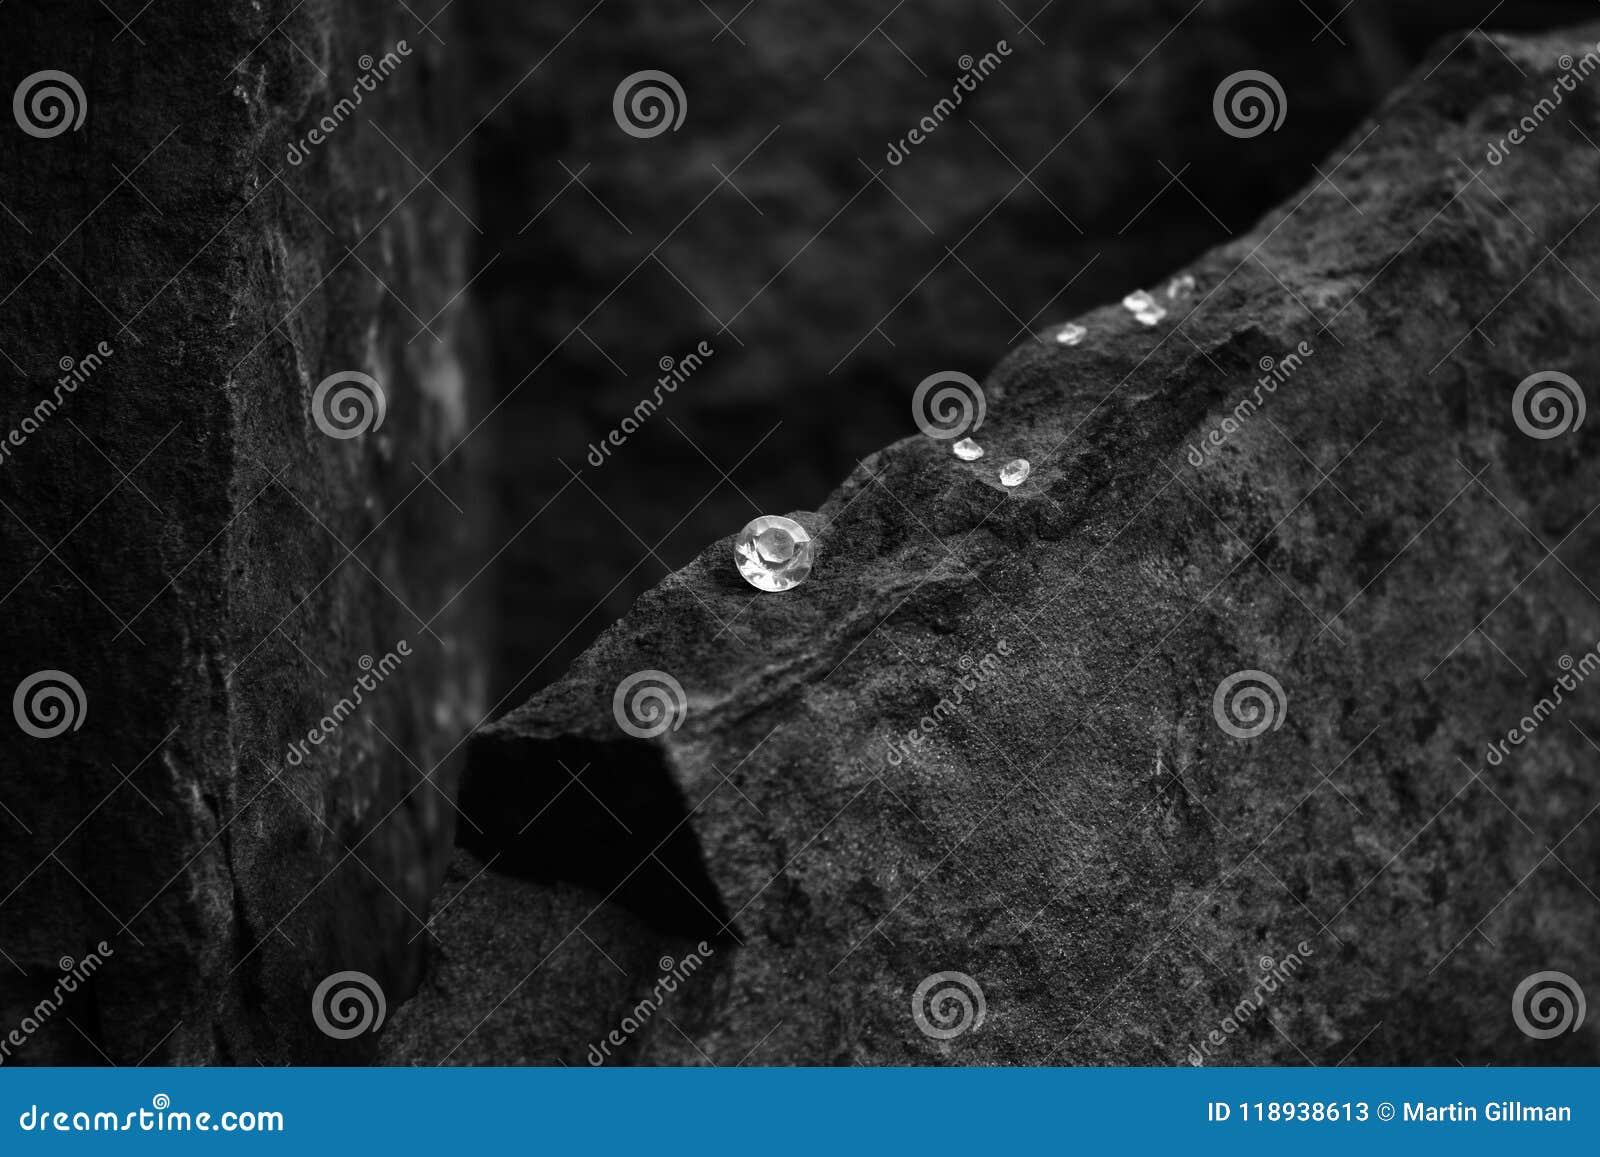 Een Close-upbeeld van Diamond Showing de Facetten van de Gem op een Rots